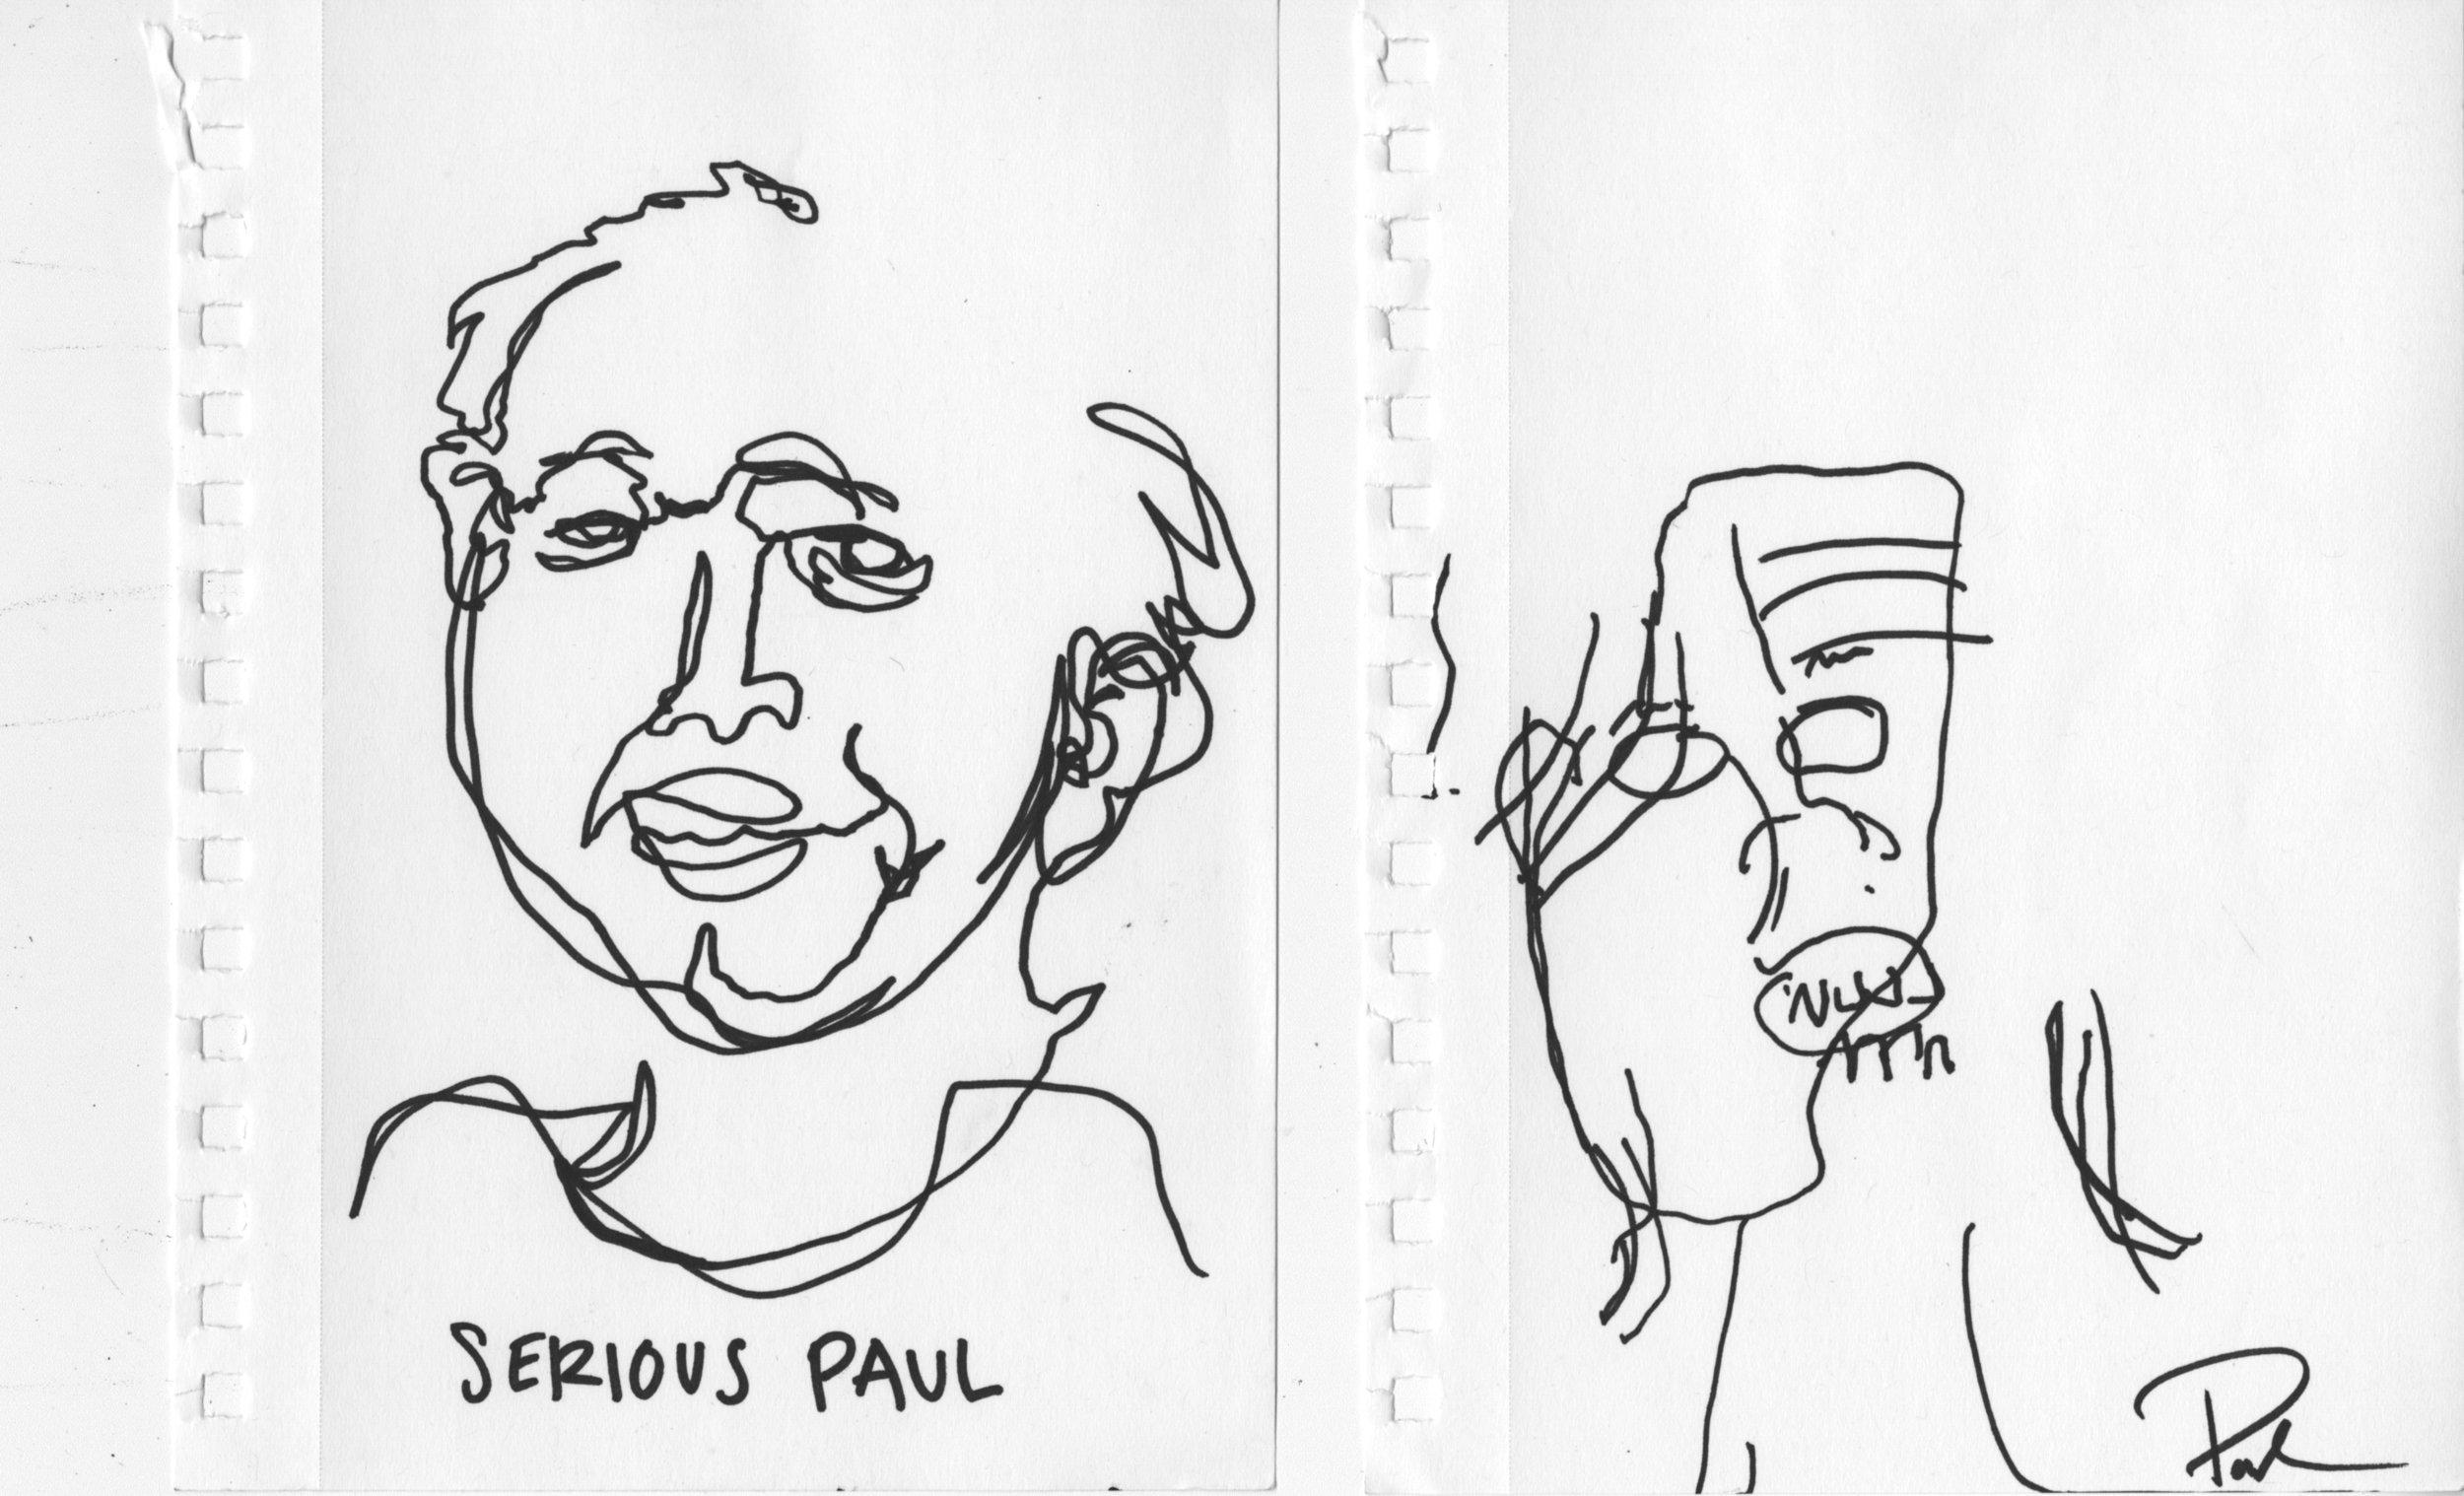 42_Paul Long_Serious Paul.jpg